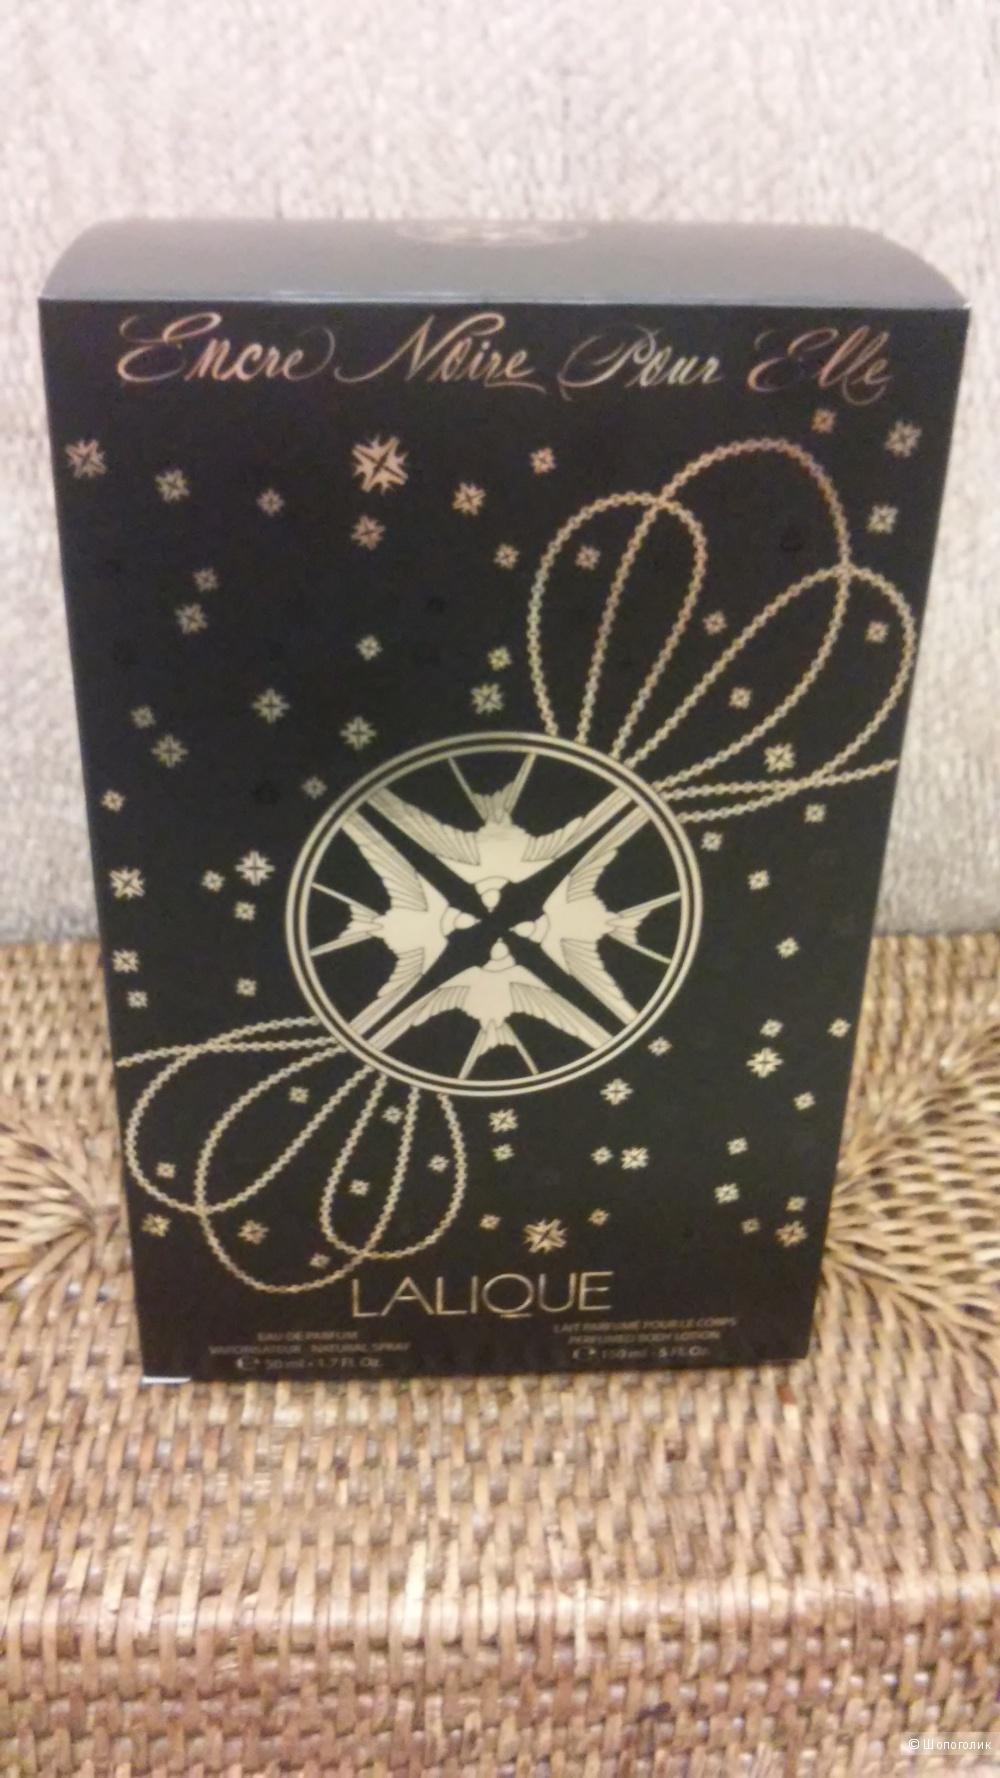 Женский набор LaliQue Encre Noire Pour Elle